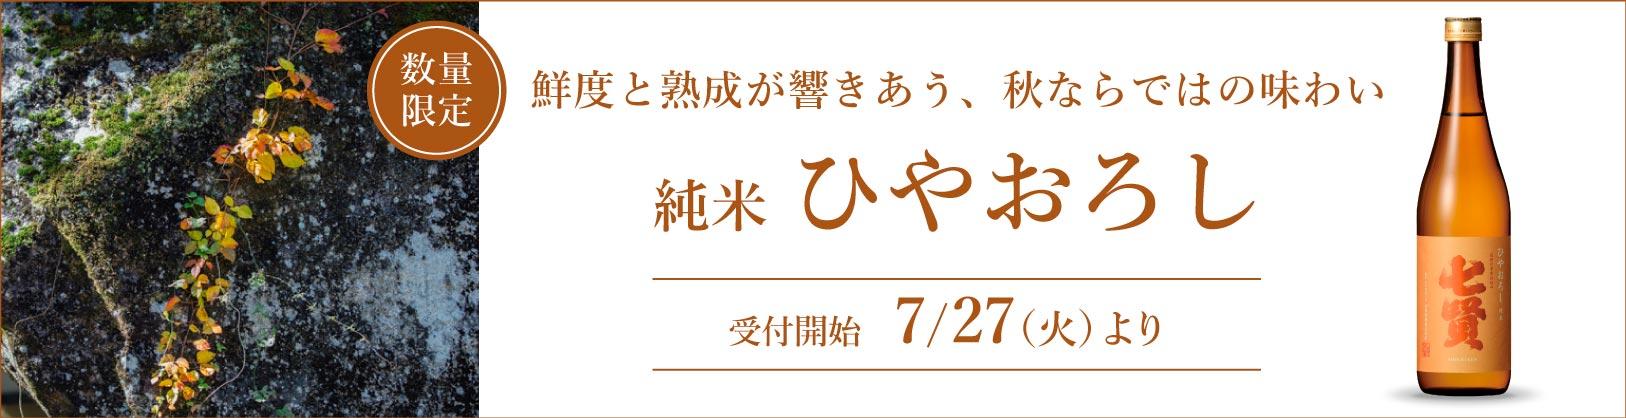 ひやおろし2021